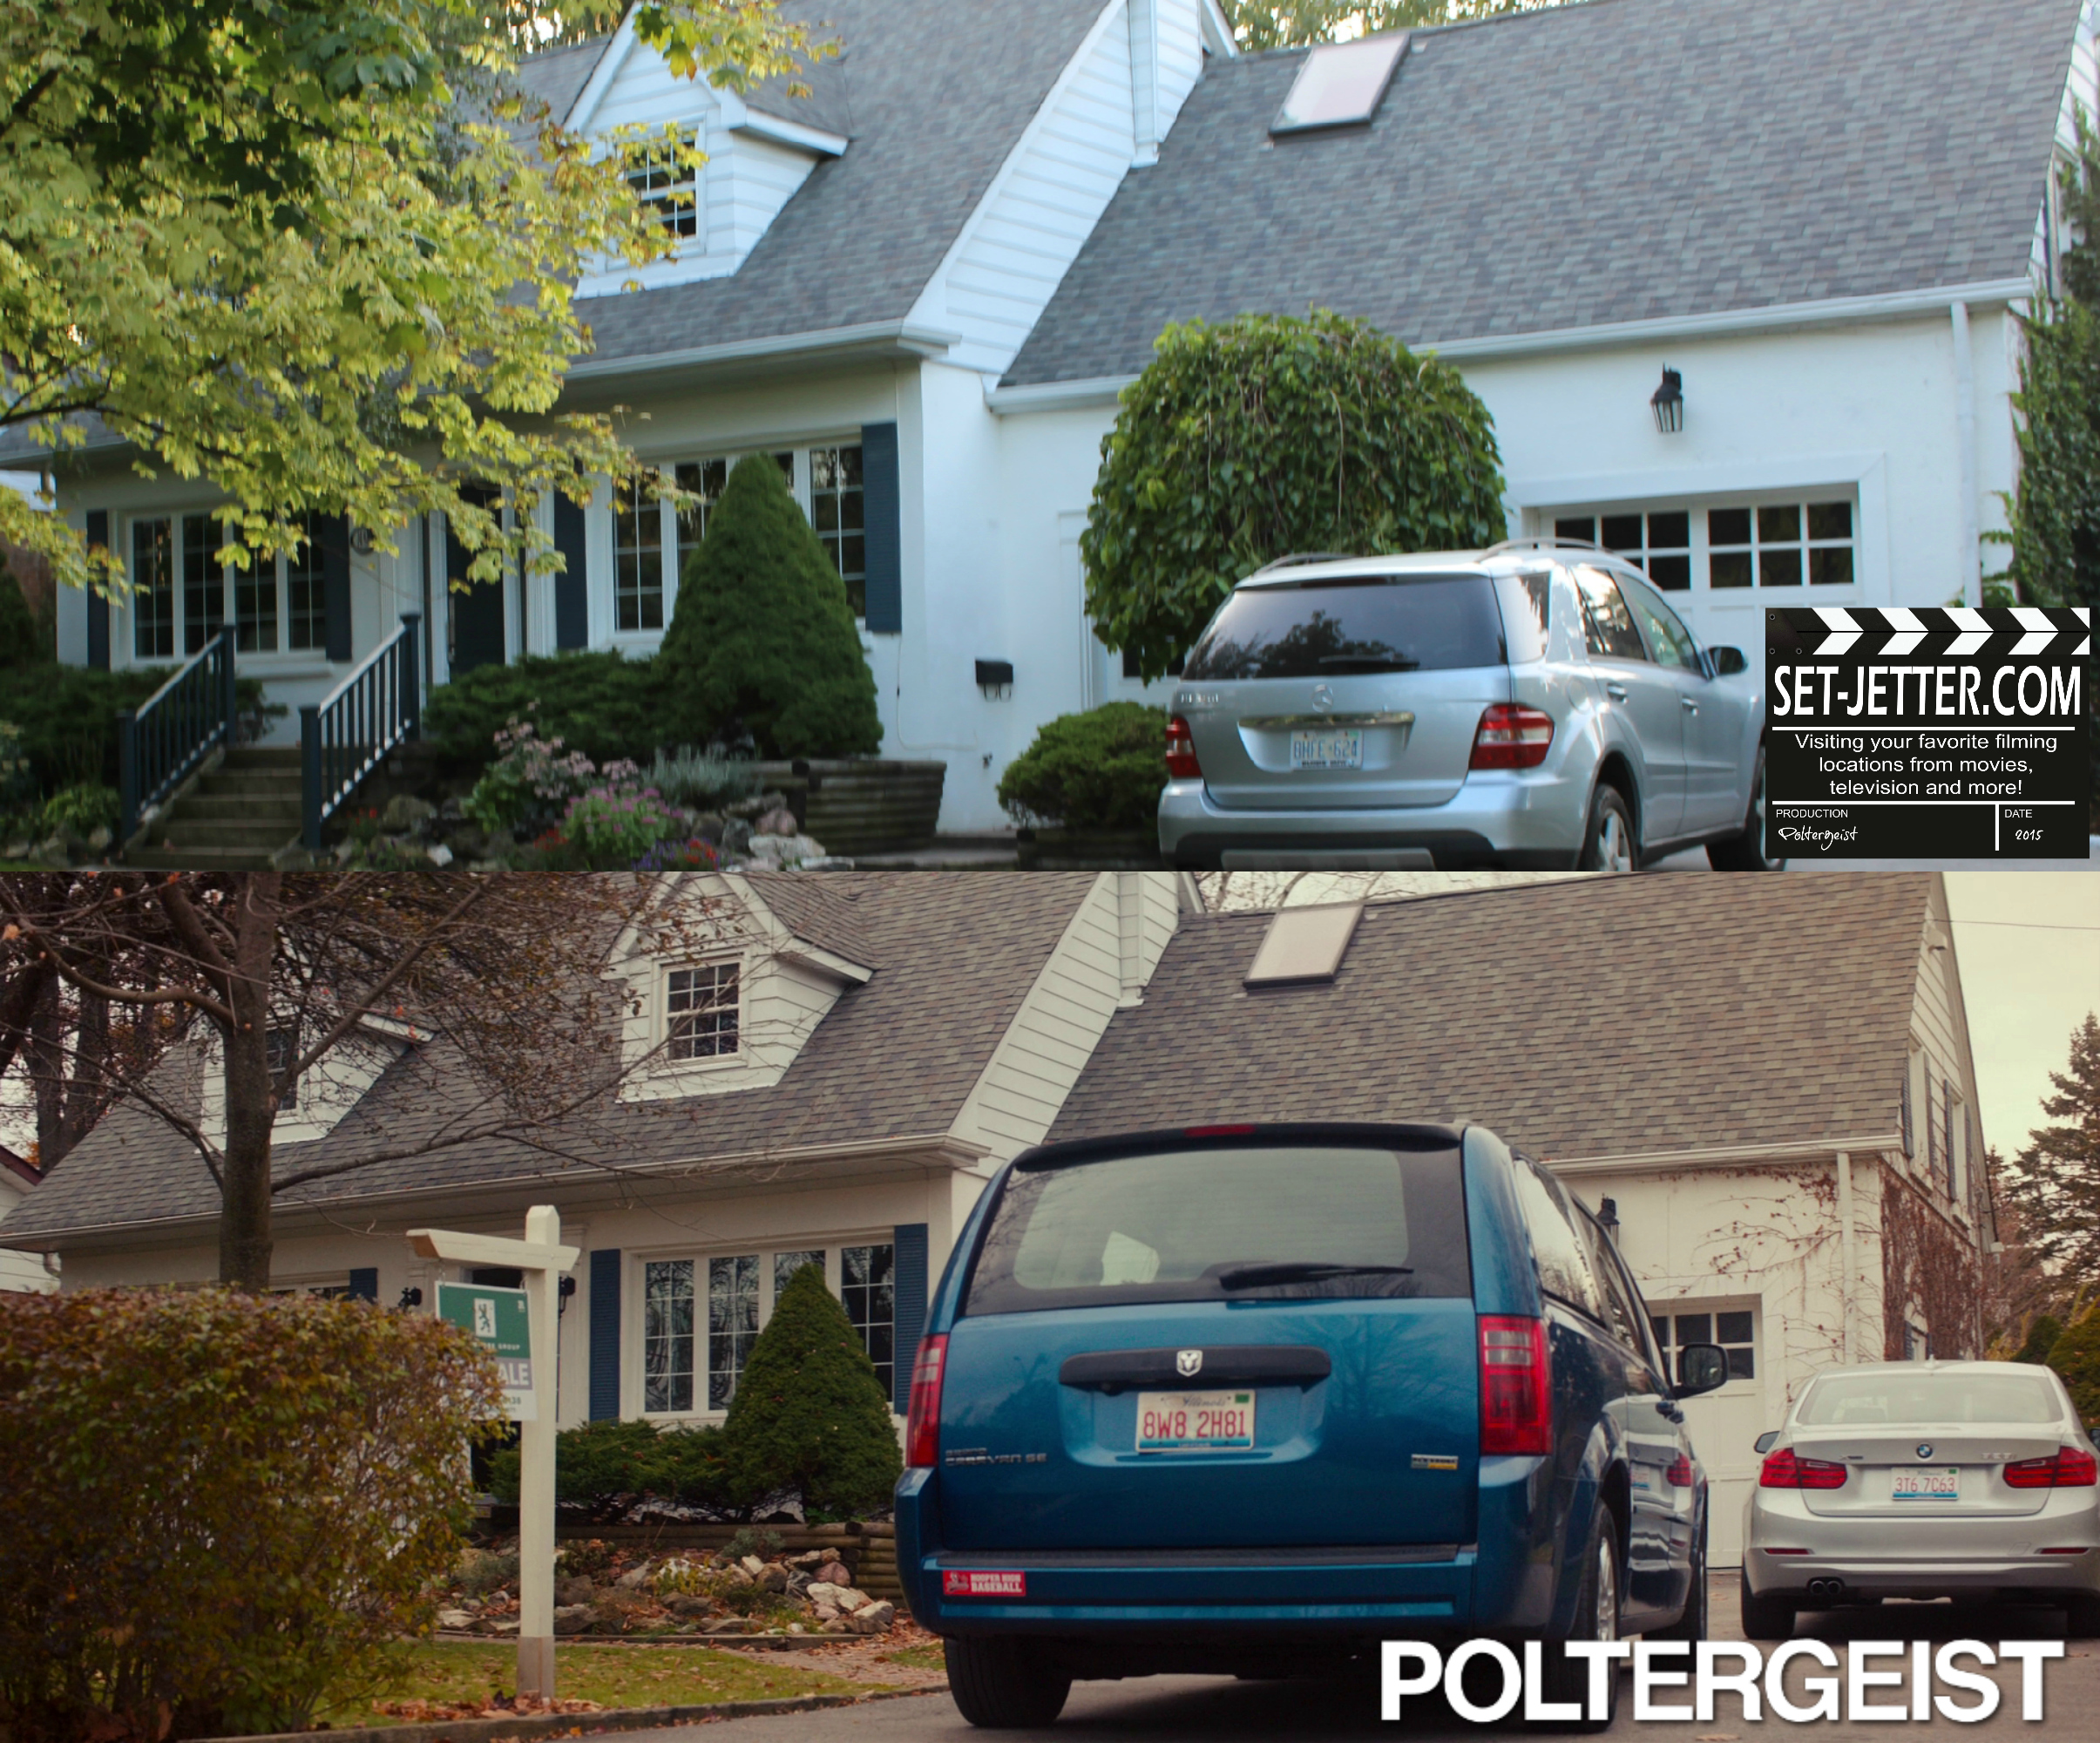 Poltergeist comparison 14.jpg